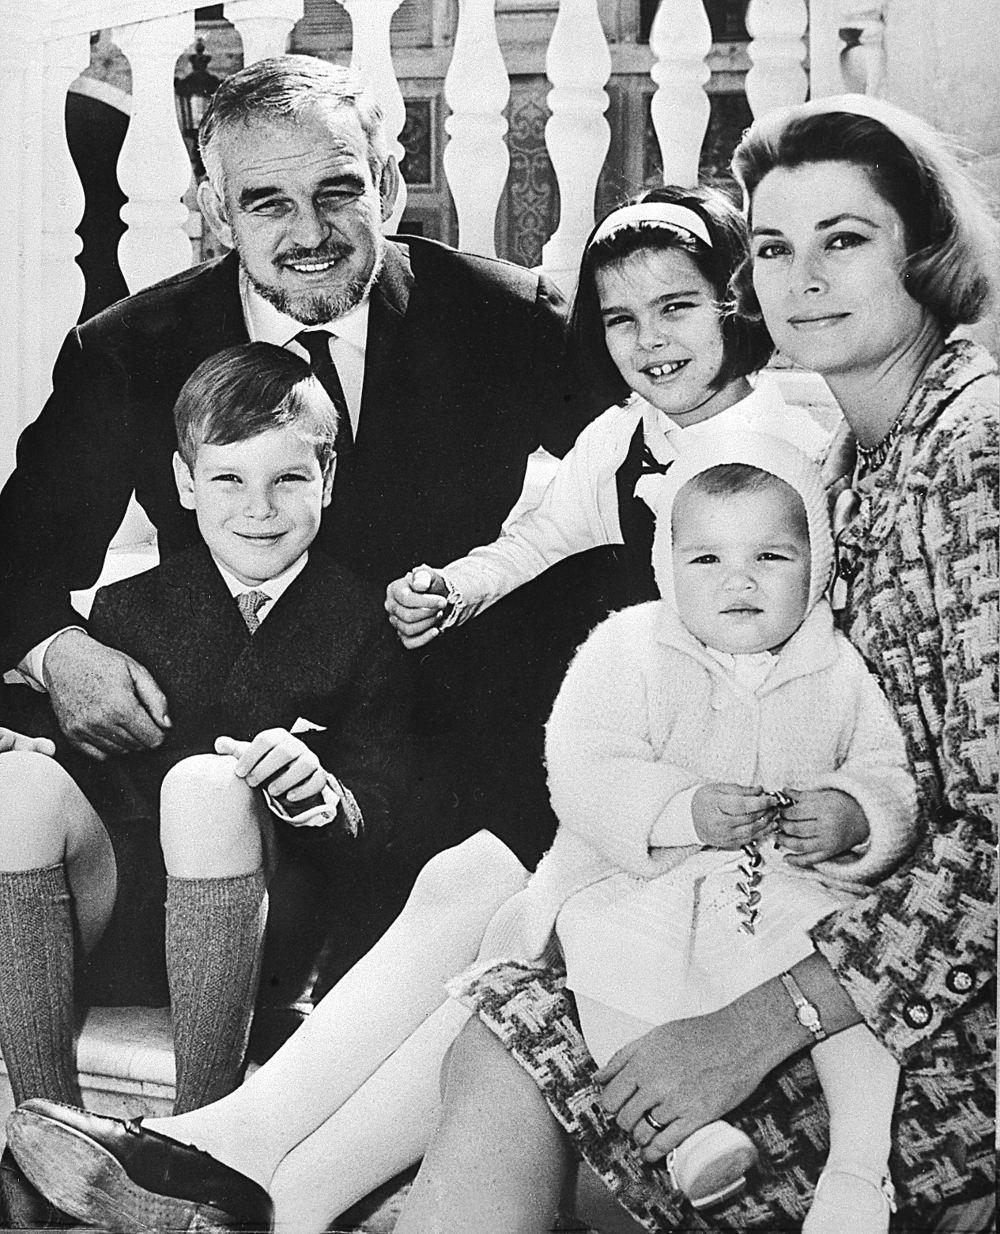 Ο πρίγκιπας Ρενιέ του Μονακό με την Γκρέις Κέλι και τα τρία τους παιδιά, Αλβέρτο, Καρολίνα και Στεφανί